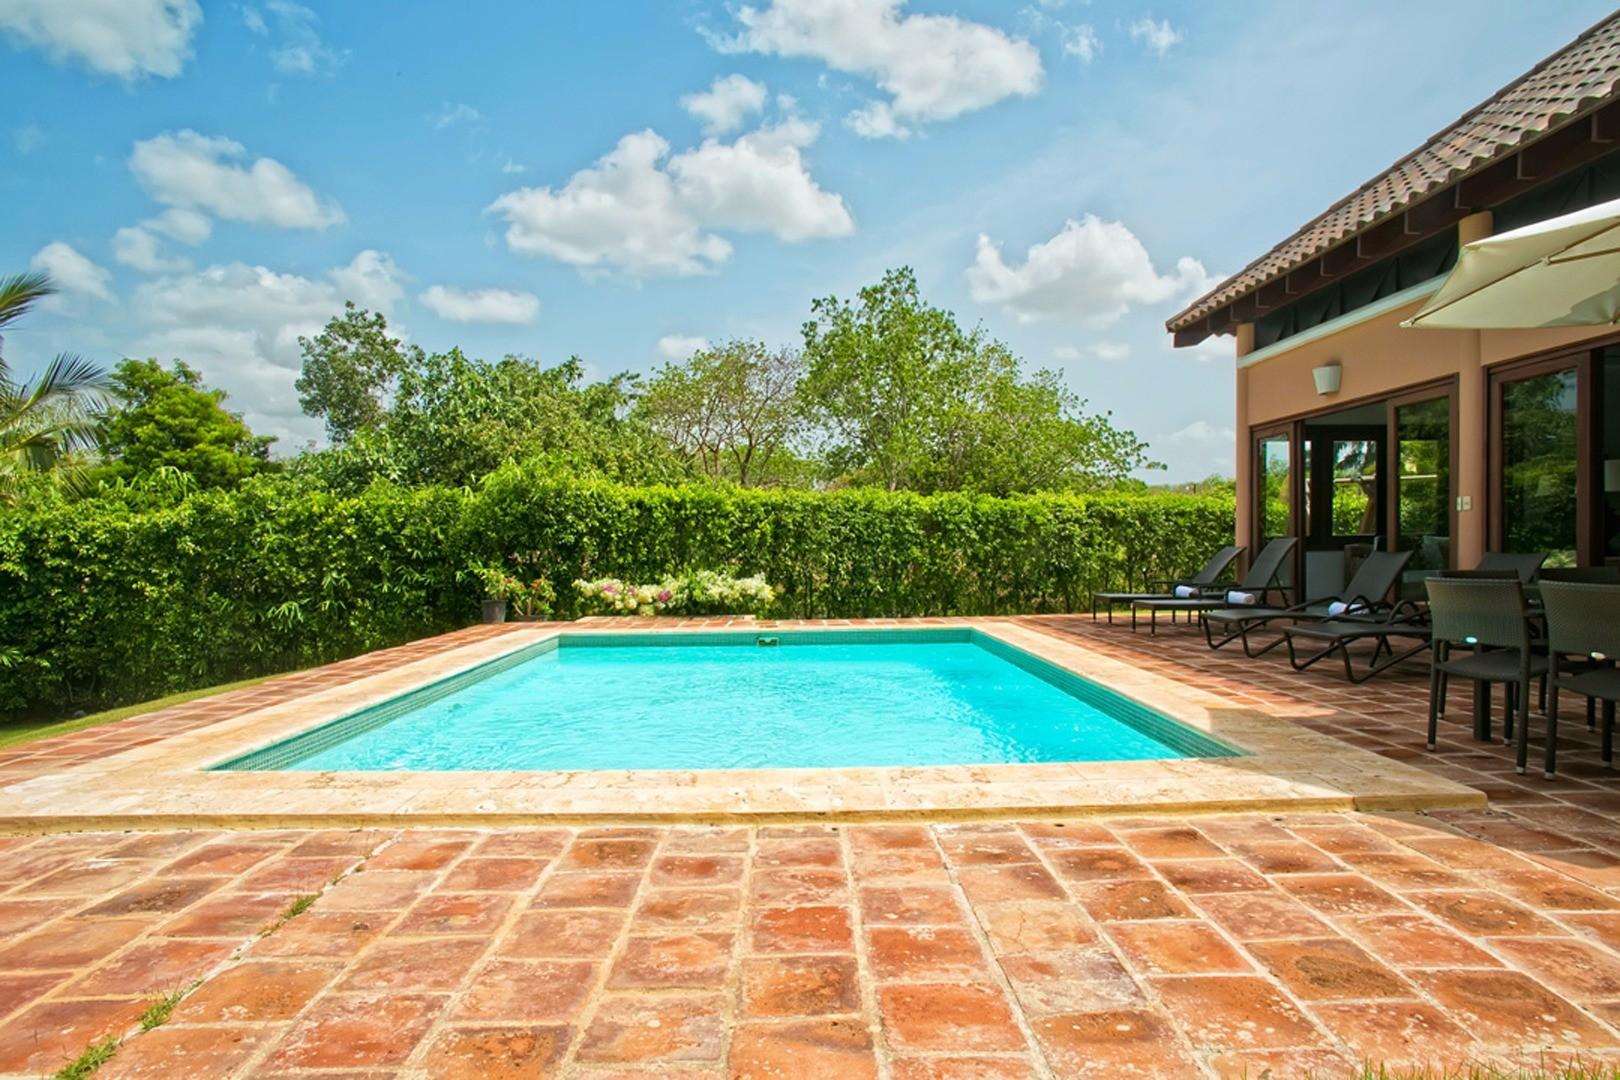 Coralina villa coralina casa de campo isle blue for Villas casa de campo